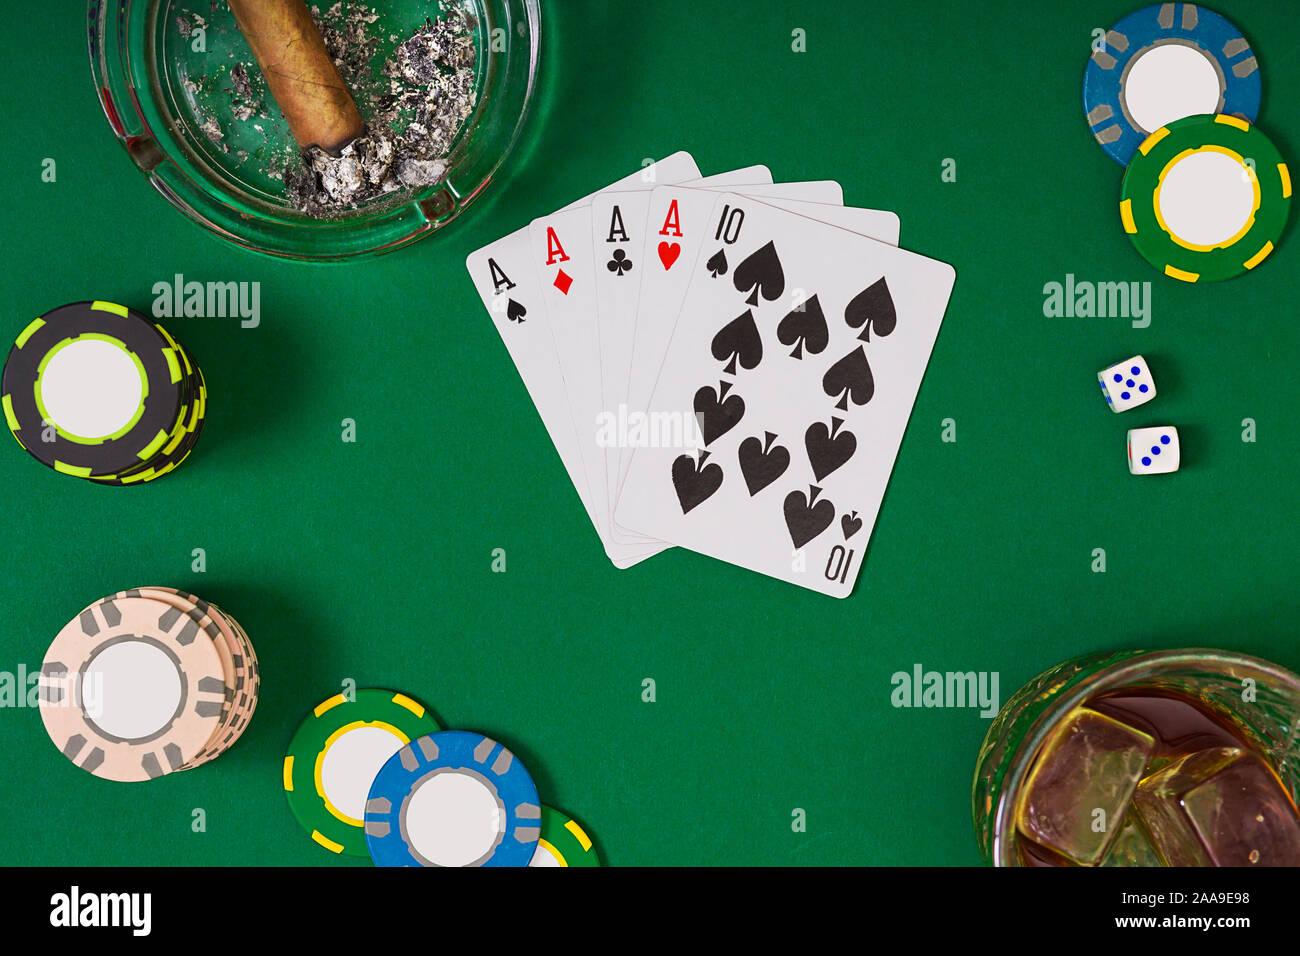 Просмотр онлайн в казино играть казино на гривны